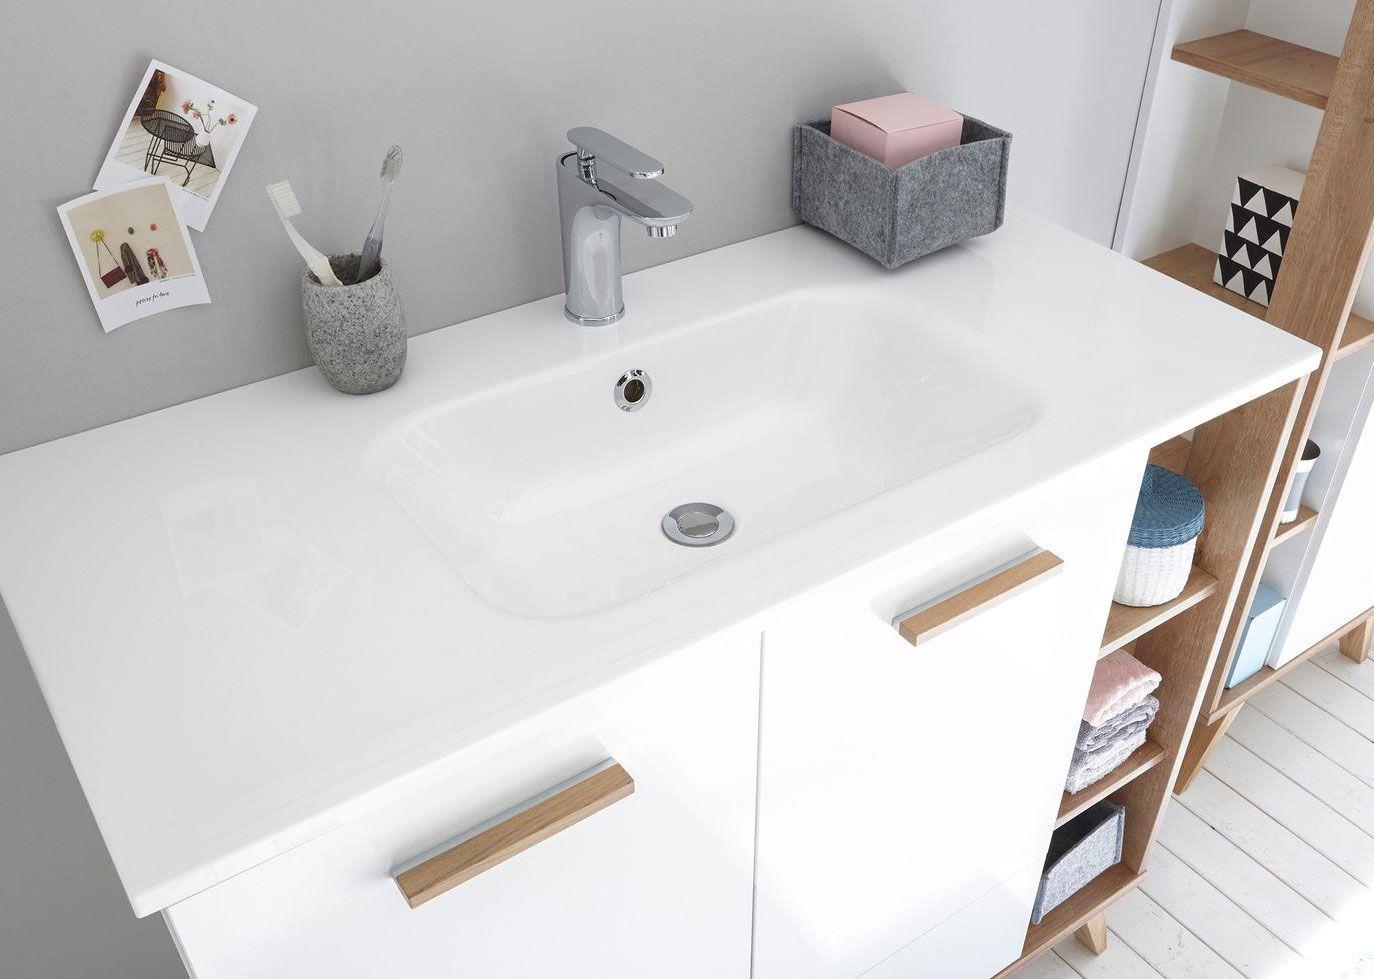 Badezimmer Ausstattung ~ Badezimmerausstattung ikea haus design ideen